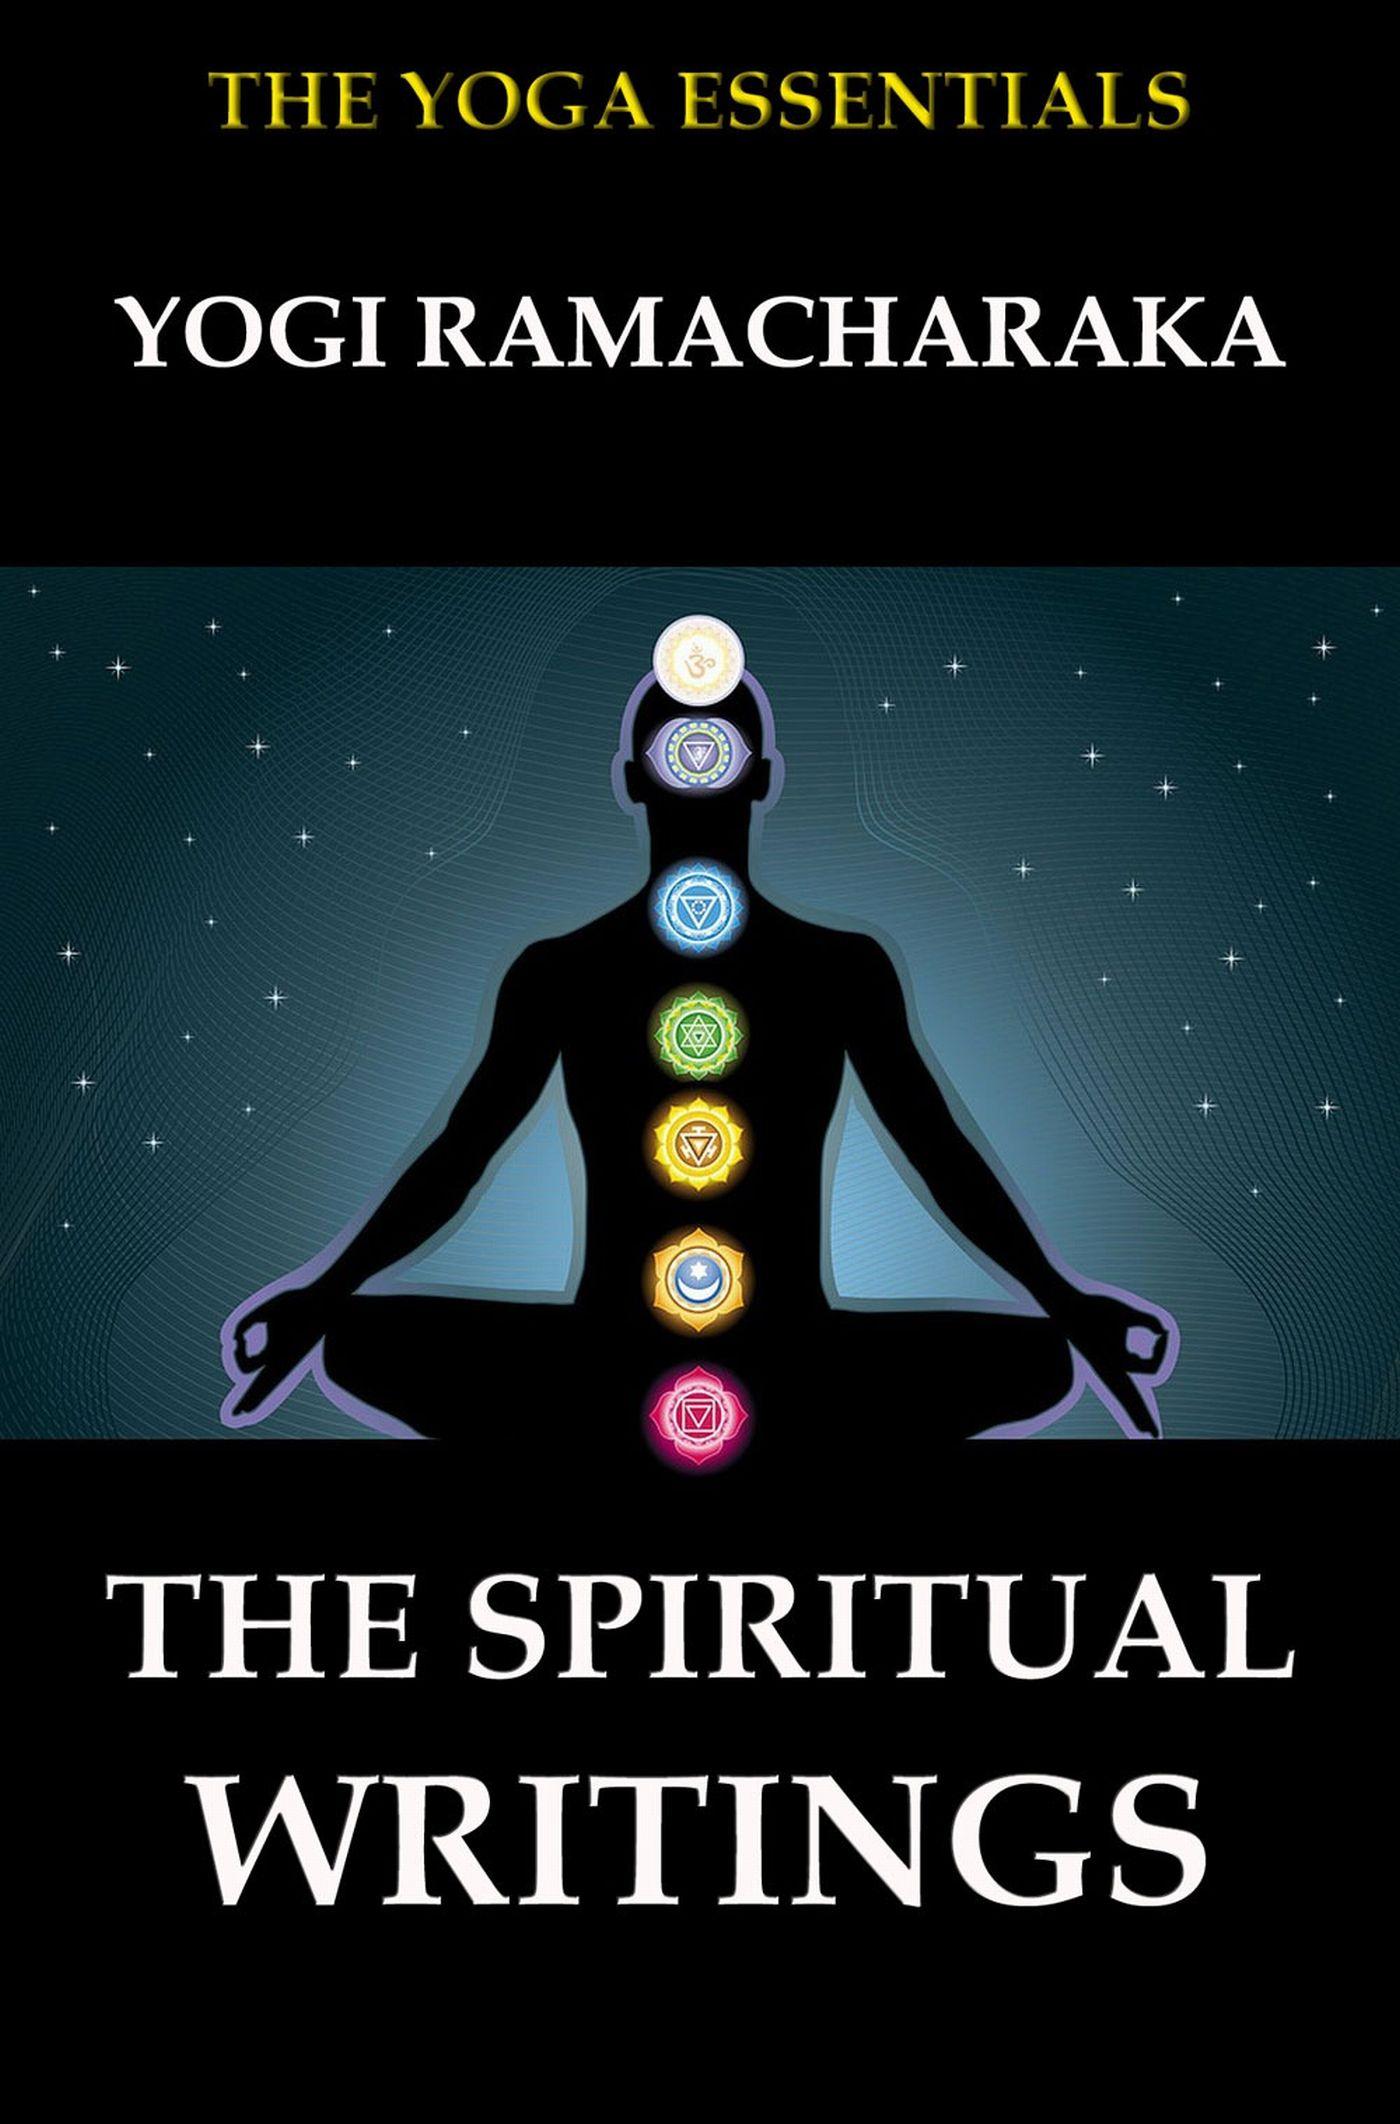 цена на Yogi Ramacharaka The Spiritual Writings of Yogi Ramacharaka